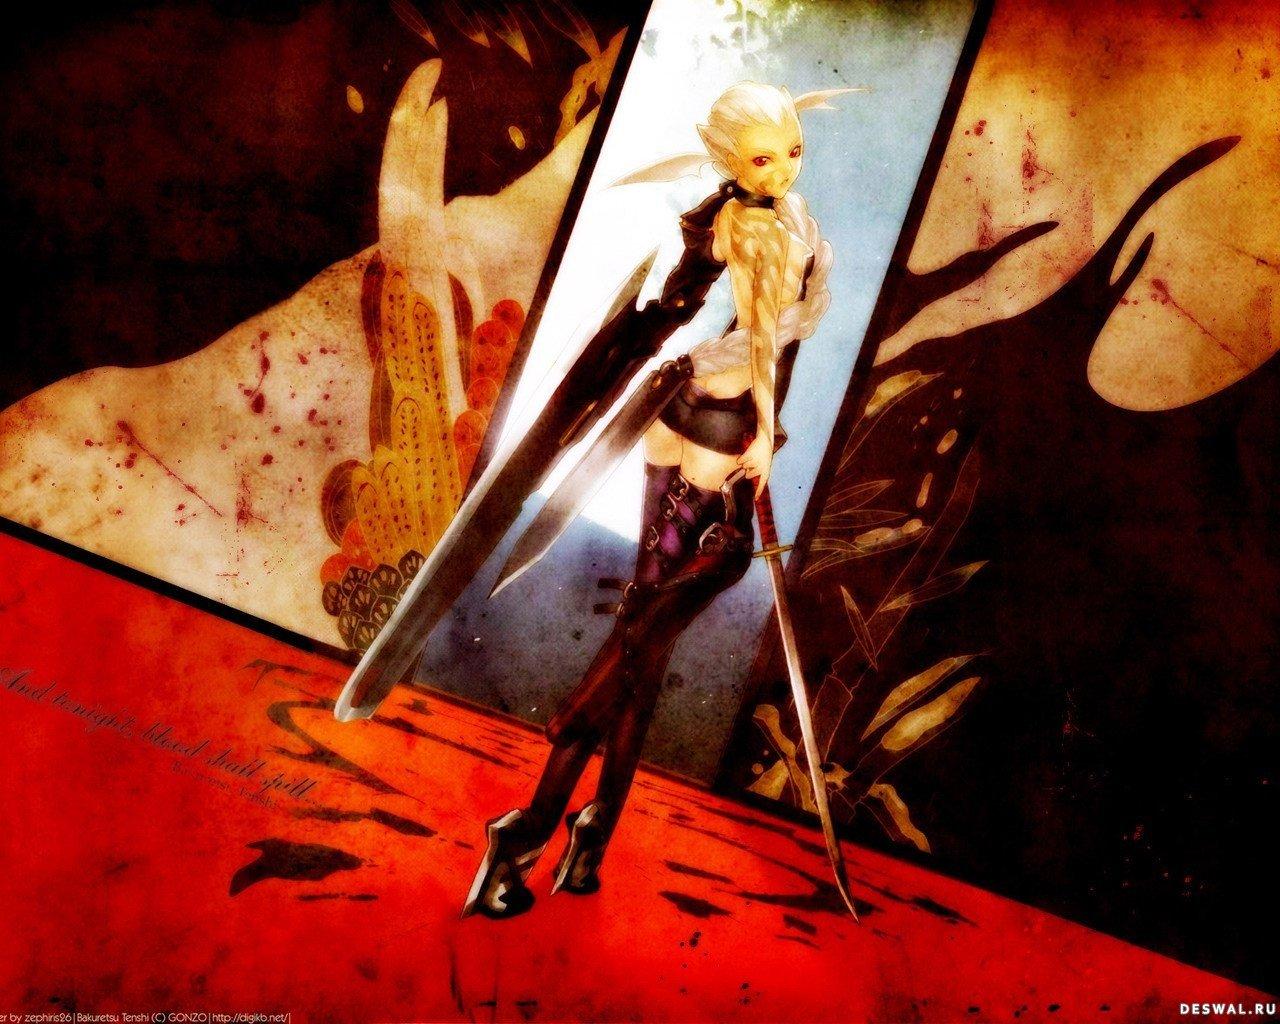 Фото 22.. Нажмите на картинку с аниме обоями, чтобы просмотреть ее в реальном размере